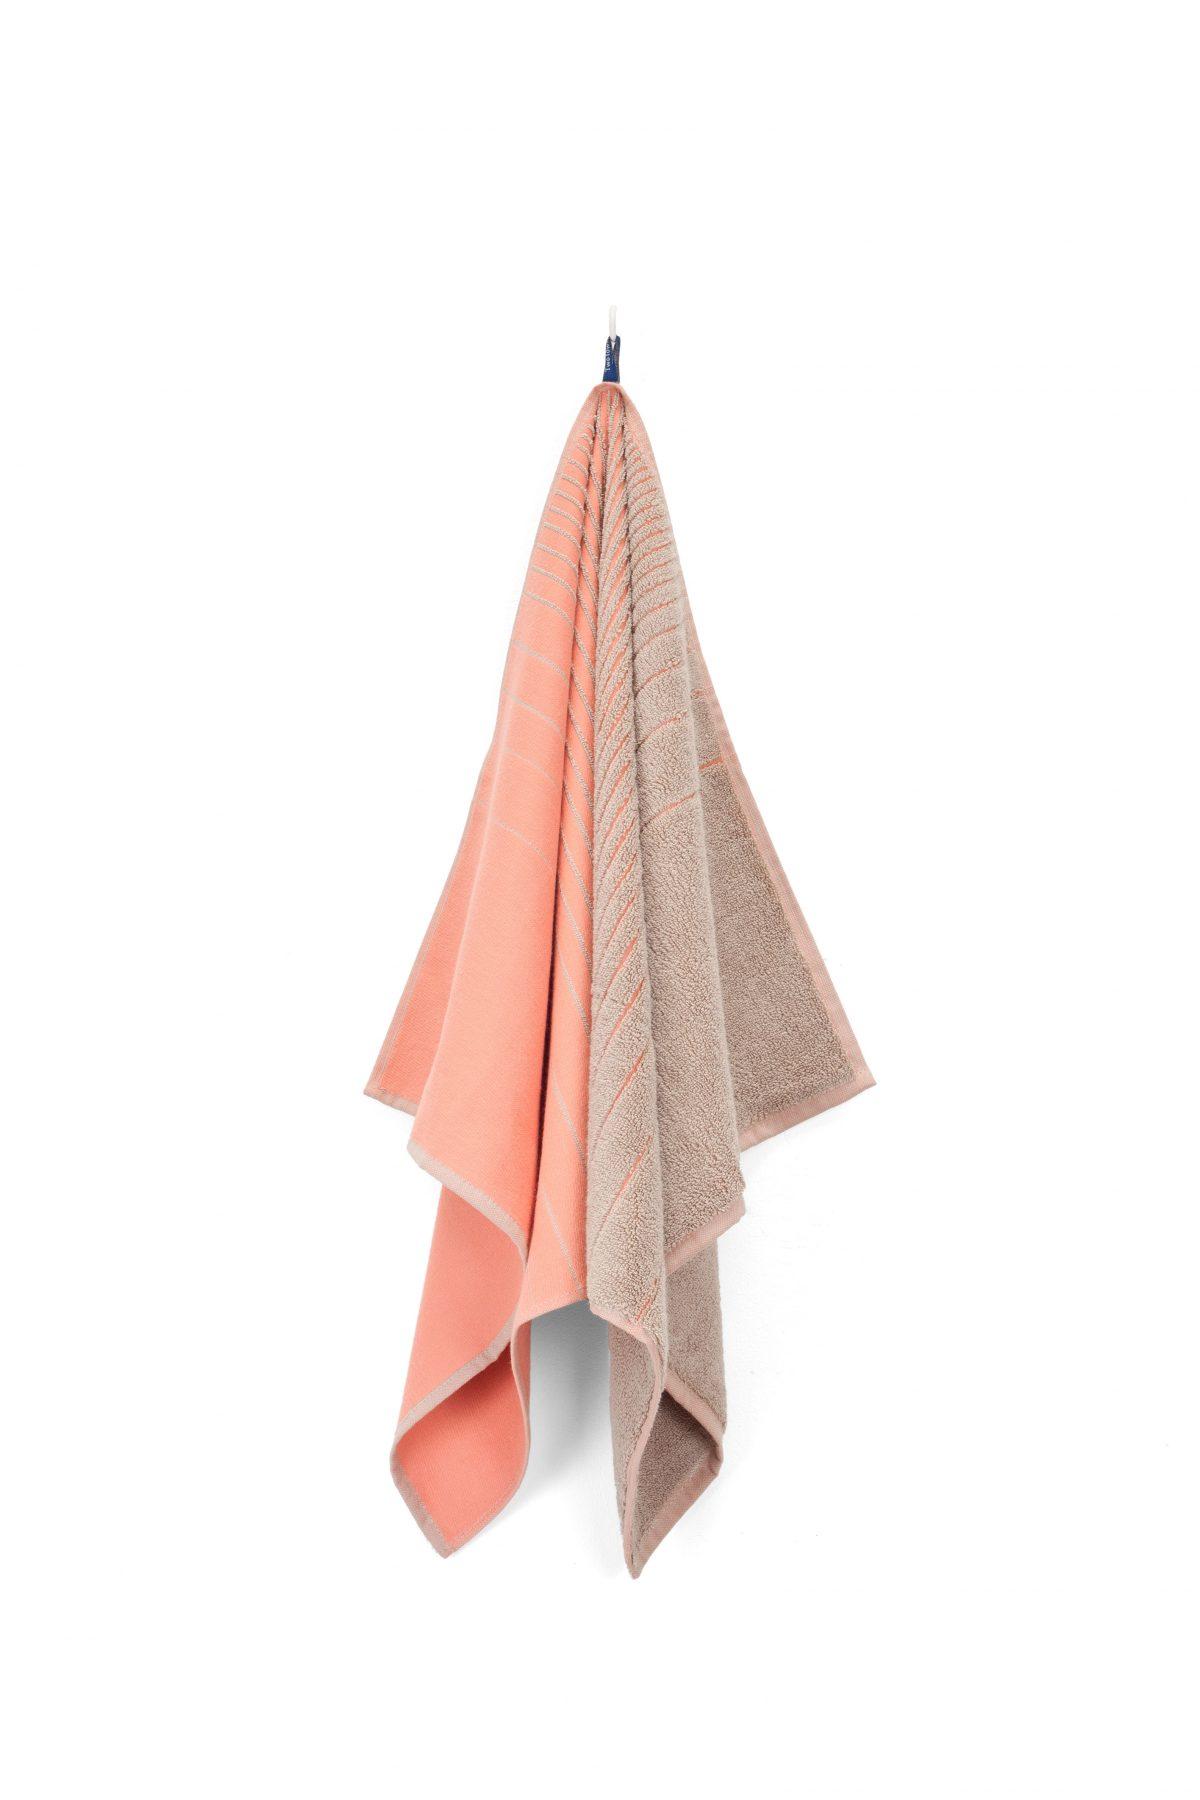 TweeDoek pink-beige theedoek én handdoek van Vij5